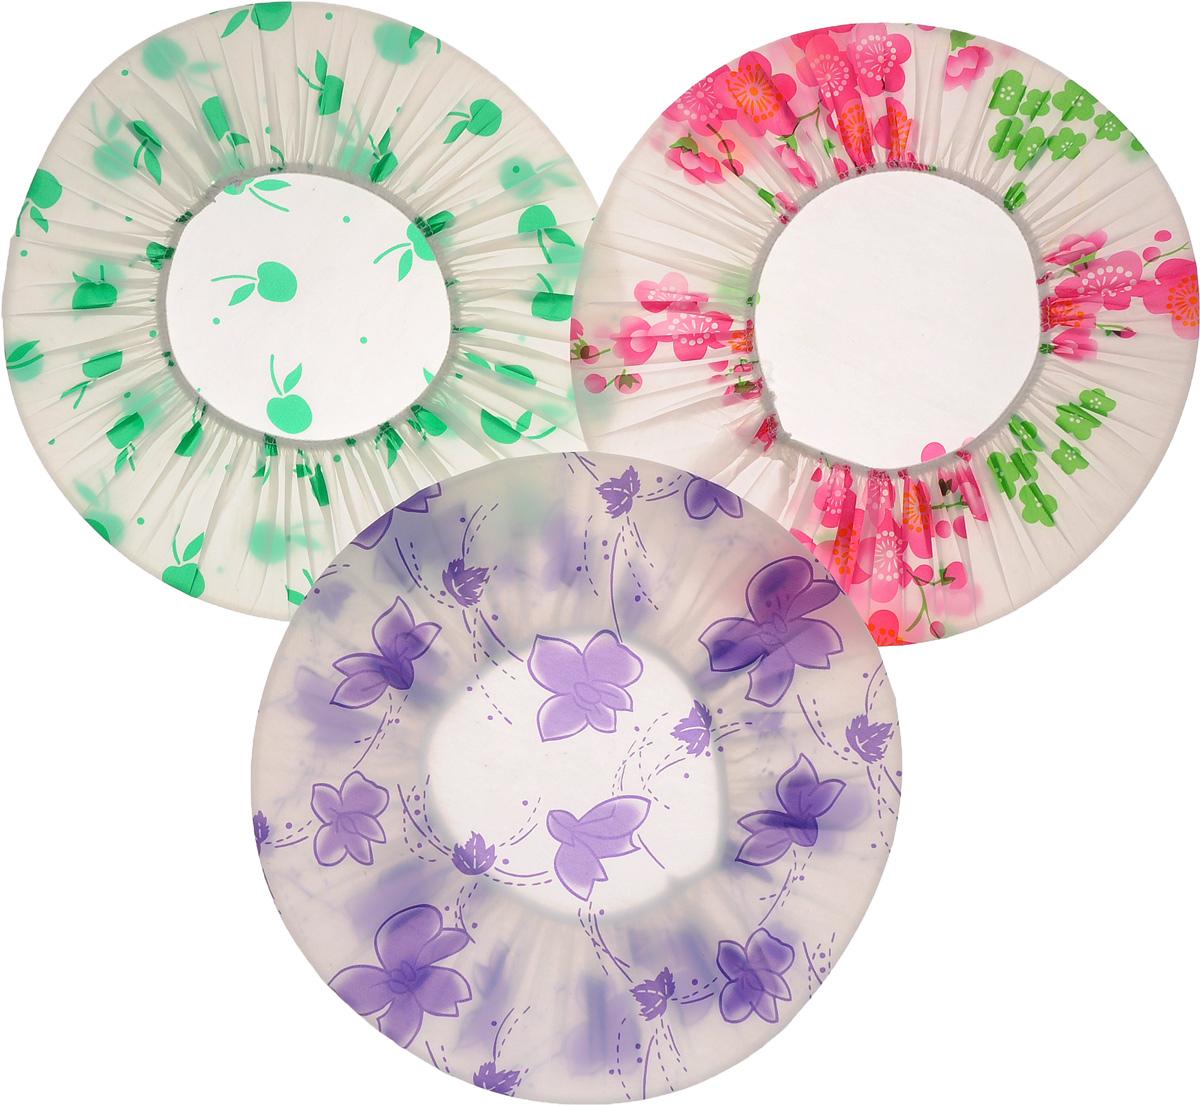 Набор шапочек для душа Цветы, в ассортименте, 3 шт. 820-865